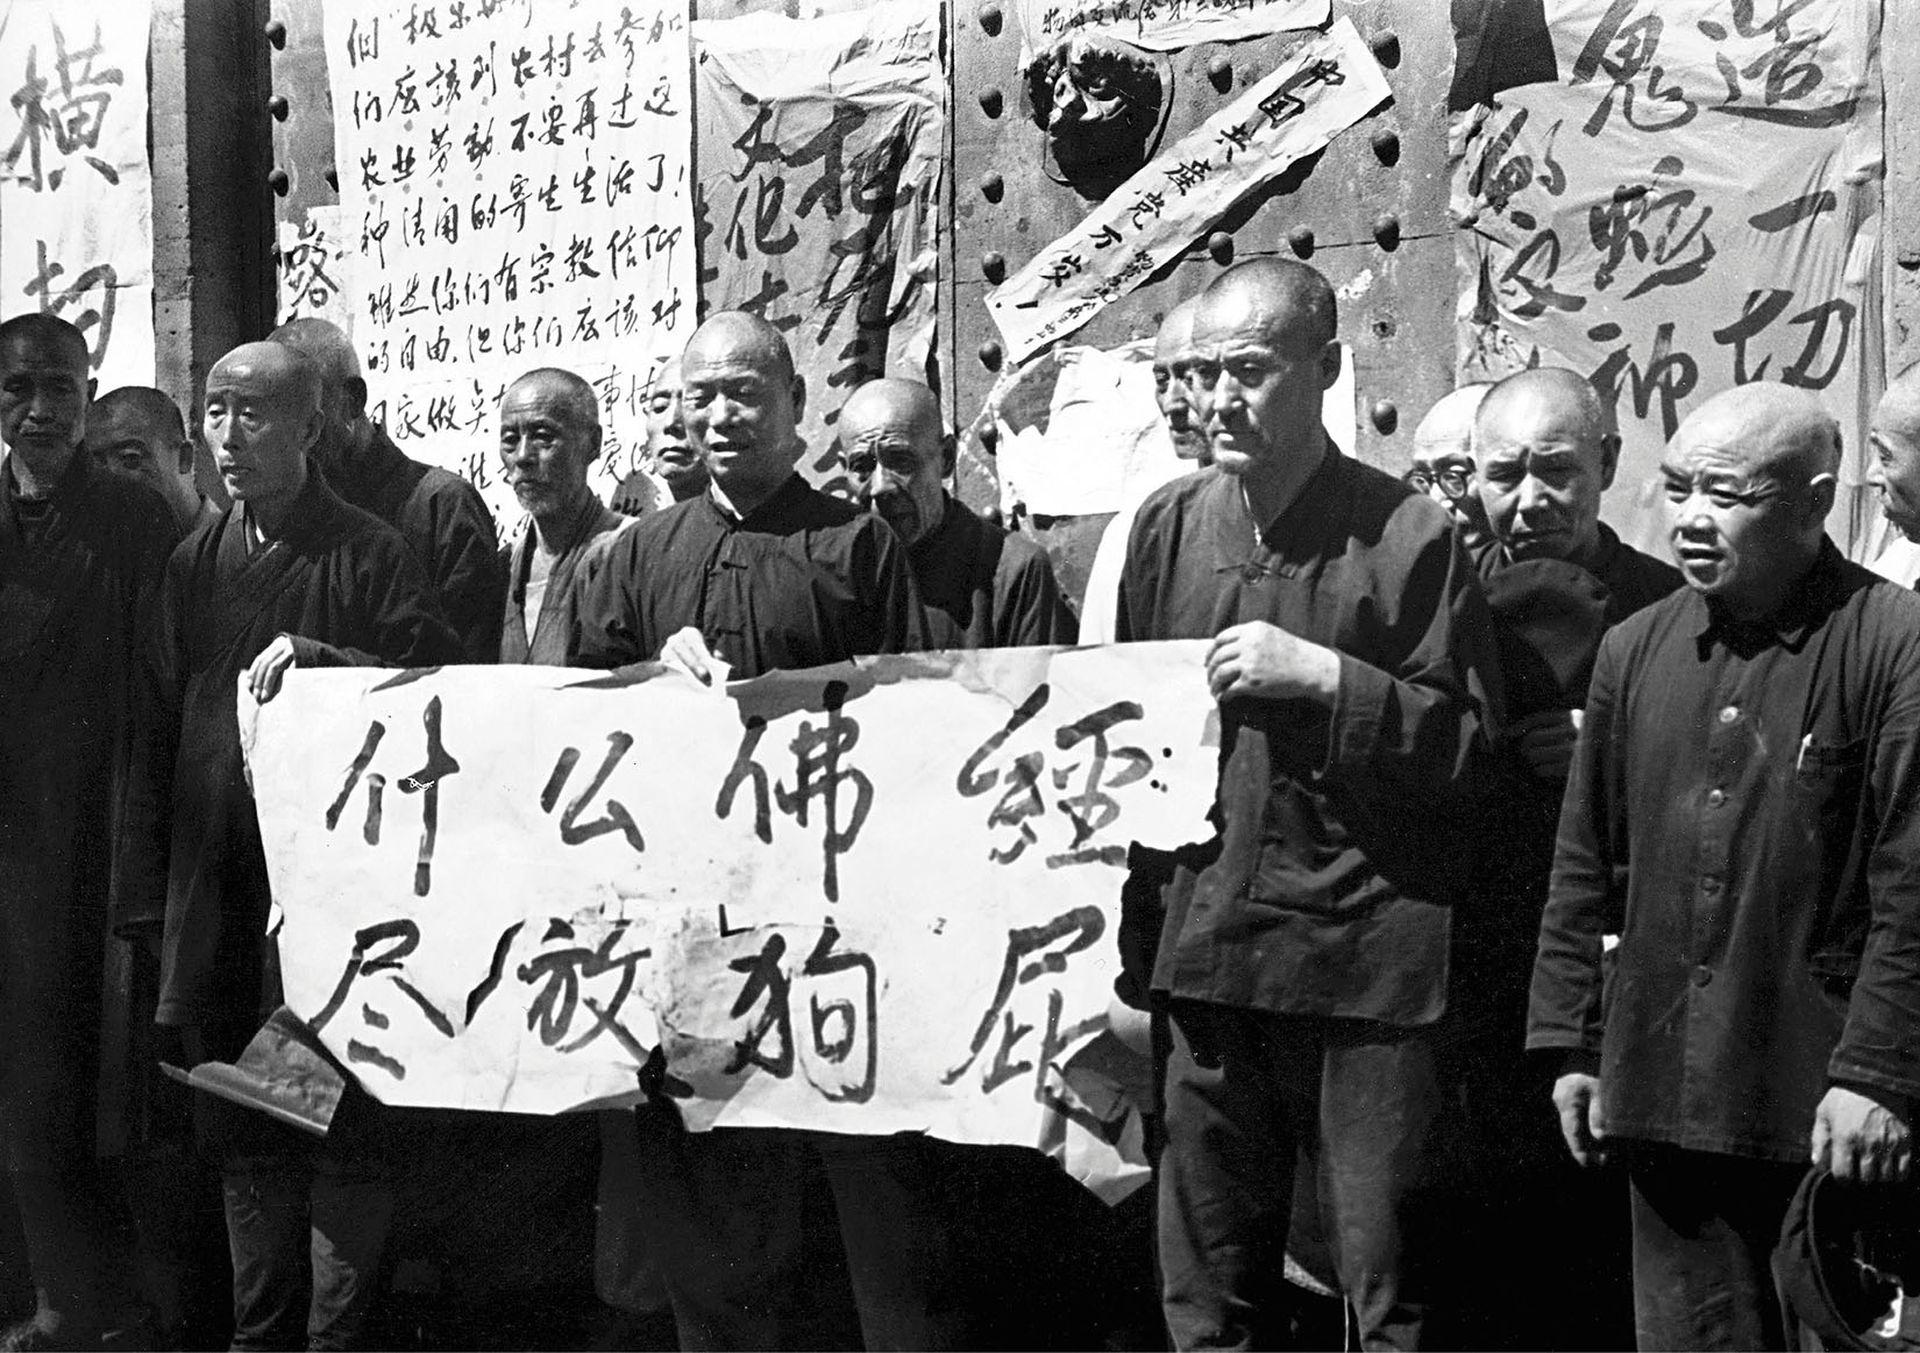 文革期间,一些红卫兵想尽办法羞辱僧侣,令他们尊严扫地。(VCG)